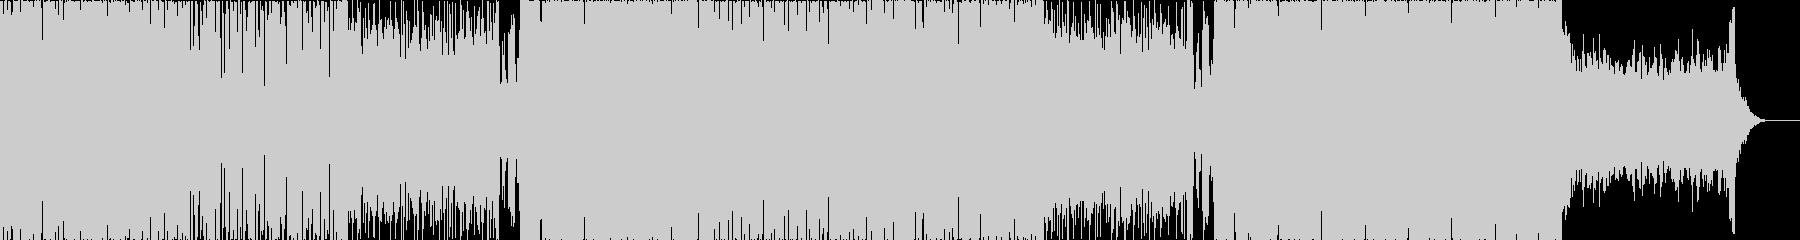 映像やCMに/お洒落でダークなエレクトロの未再生の波形